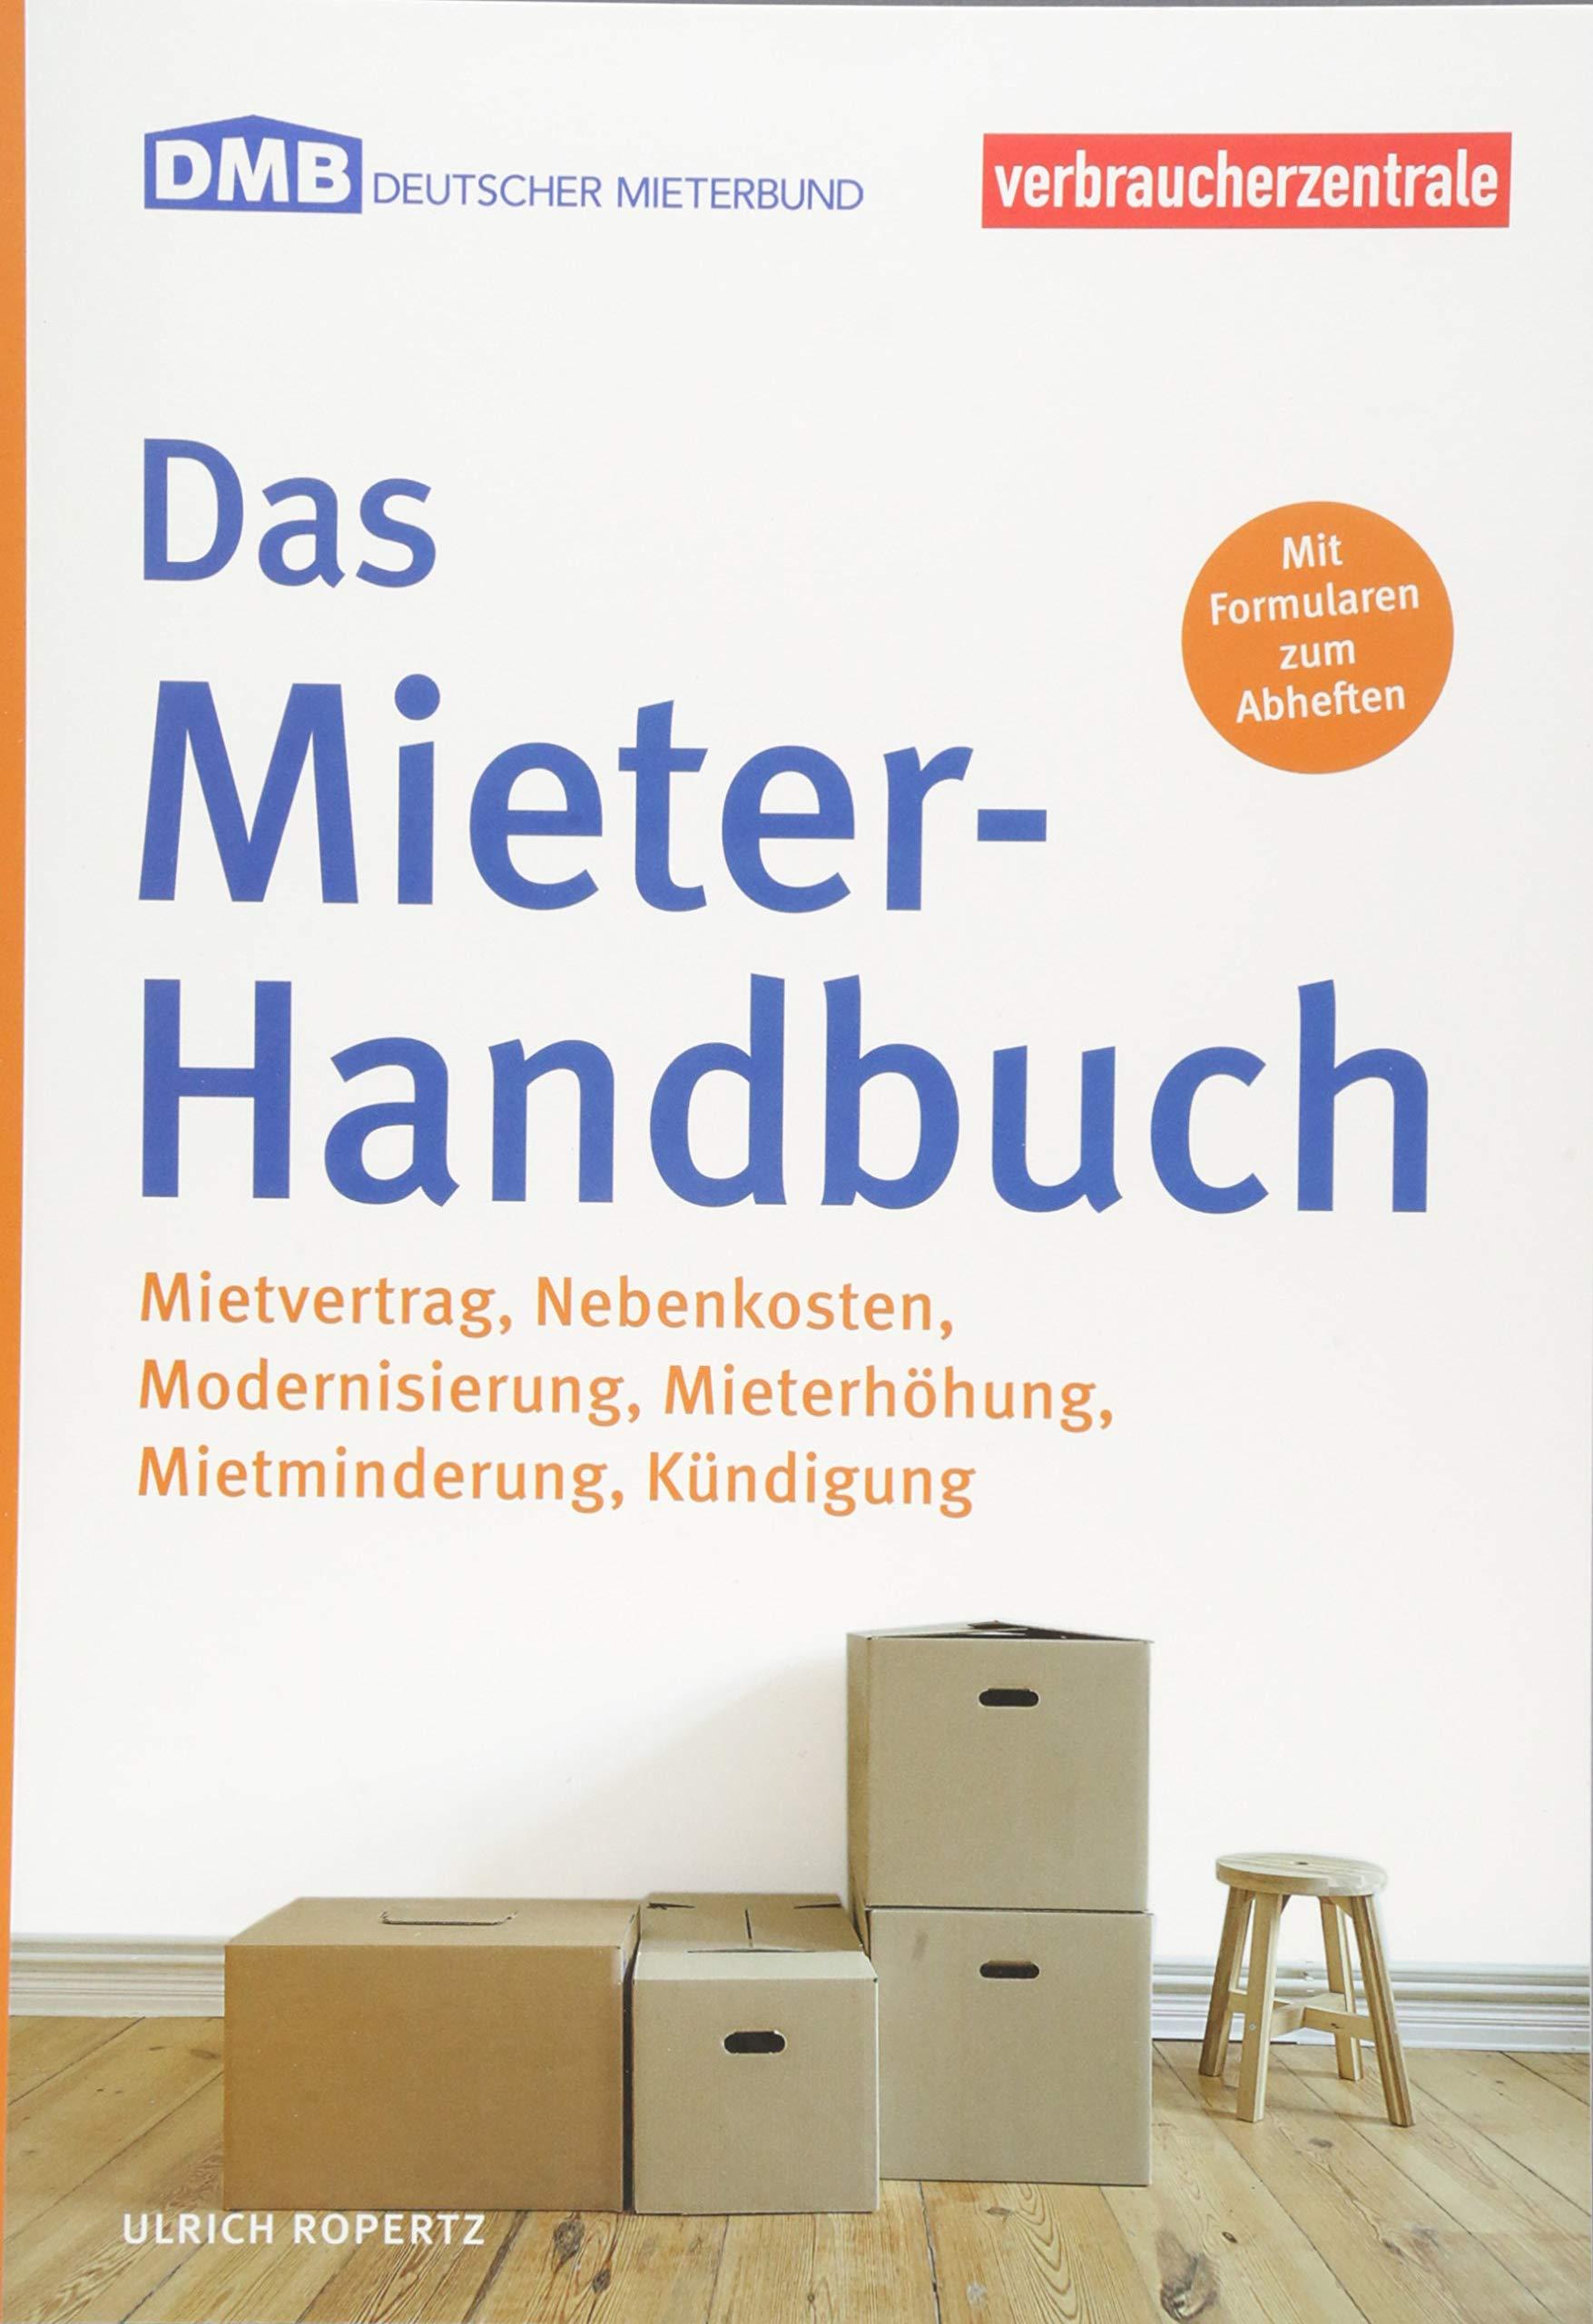 Das Mieter Handbuch  Mietvertrag Nebenkosten Modernisierung Mietminderung Kündigung